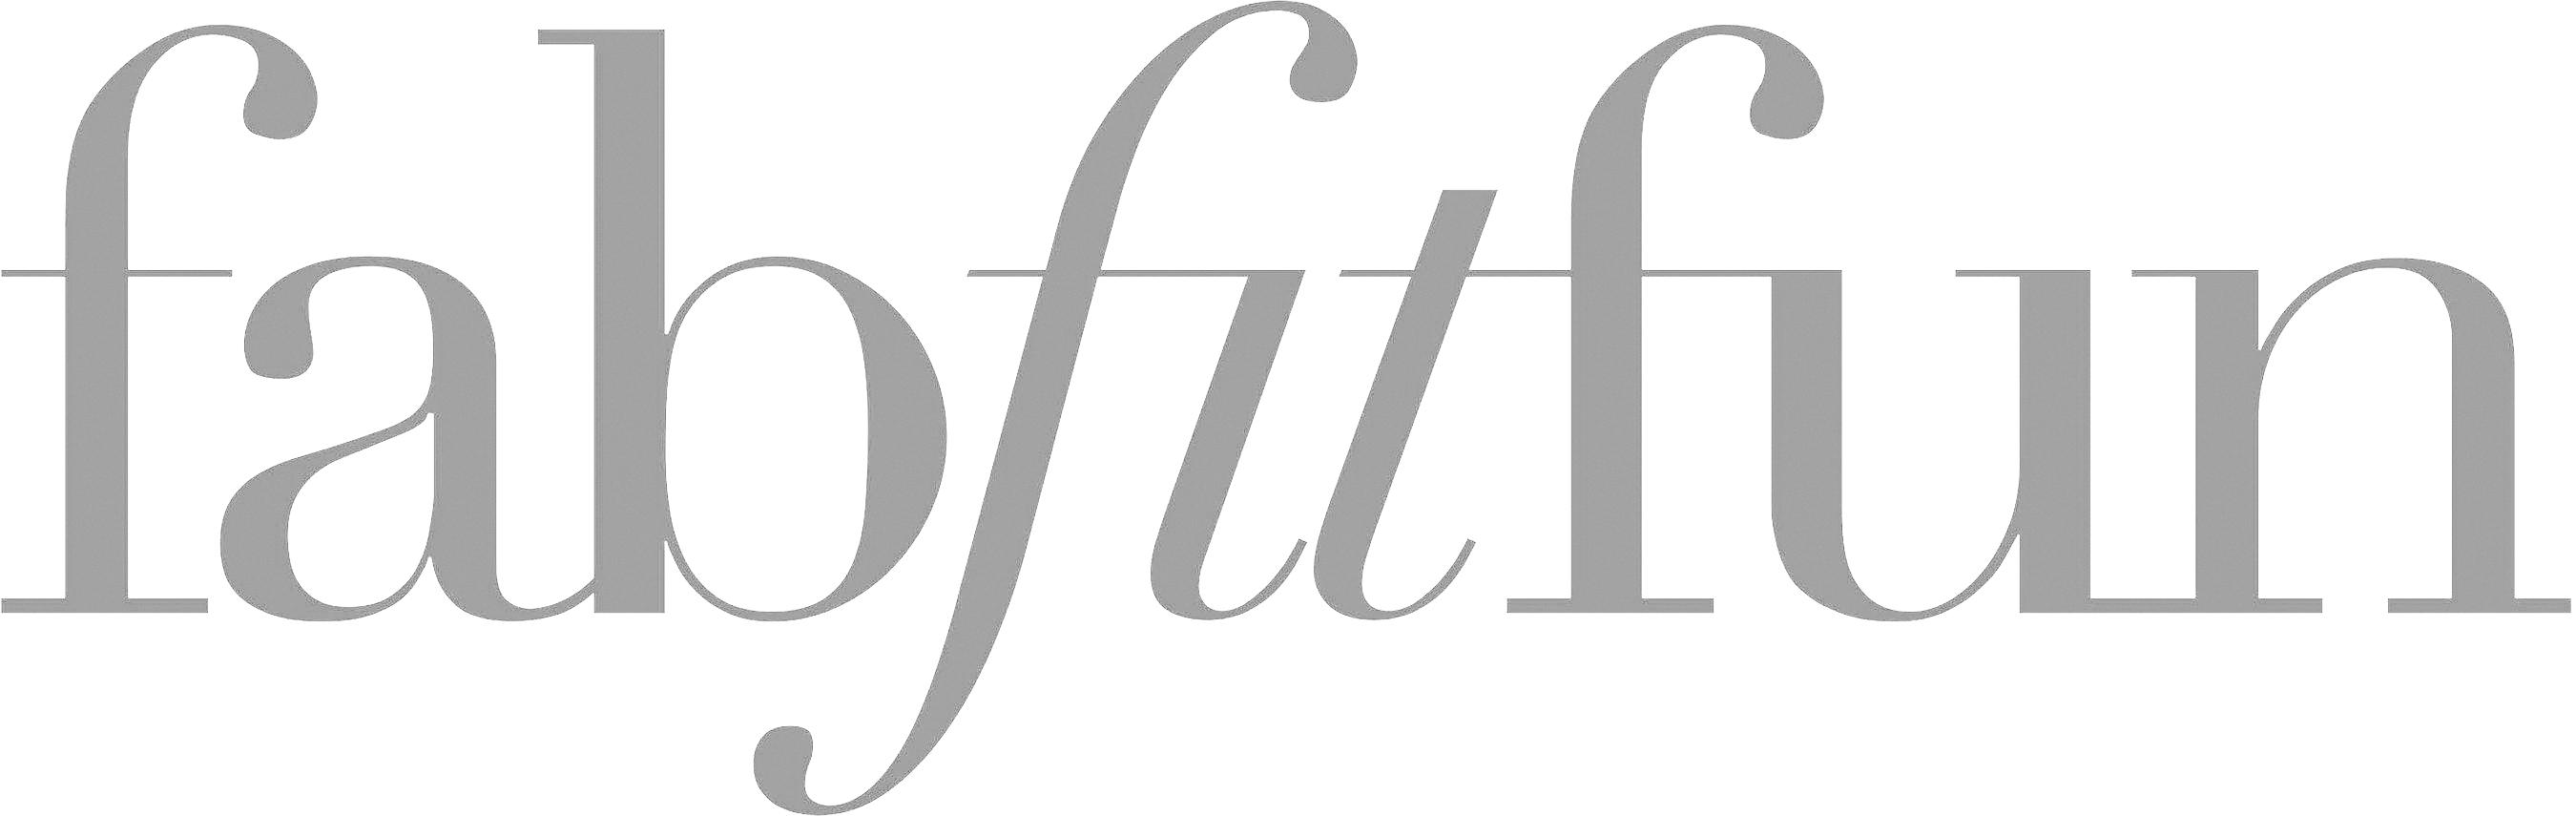 Magecart Attack - Fabfitfun logo